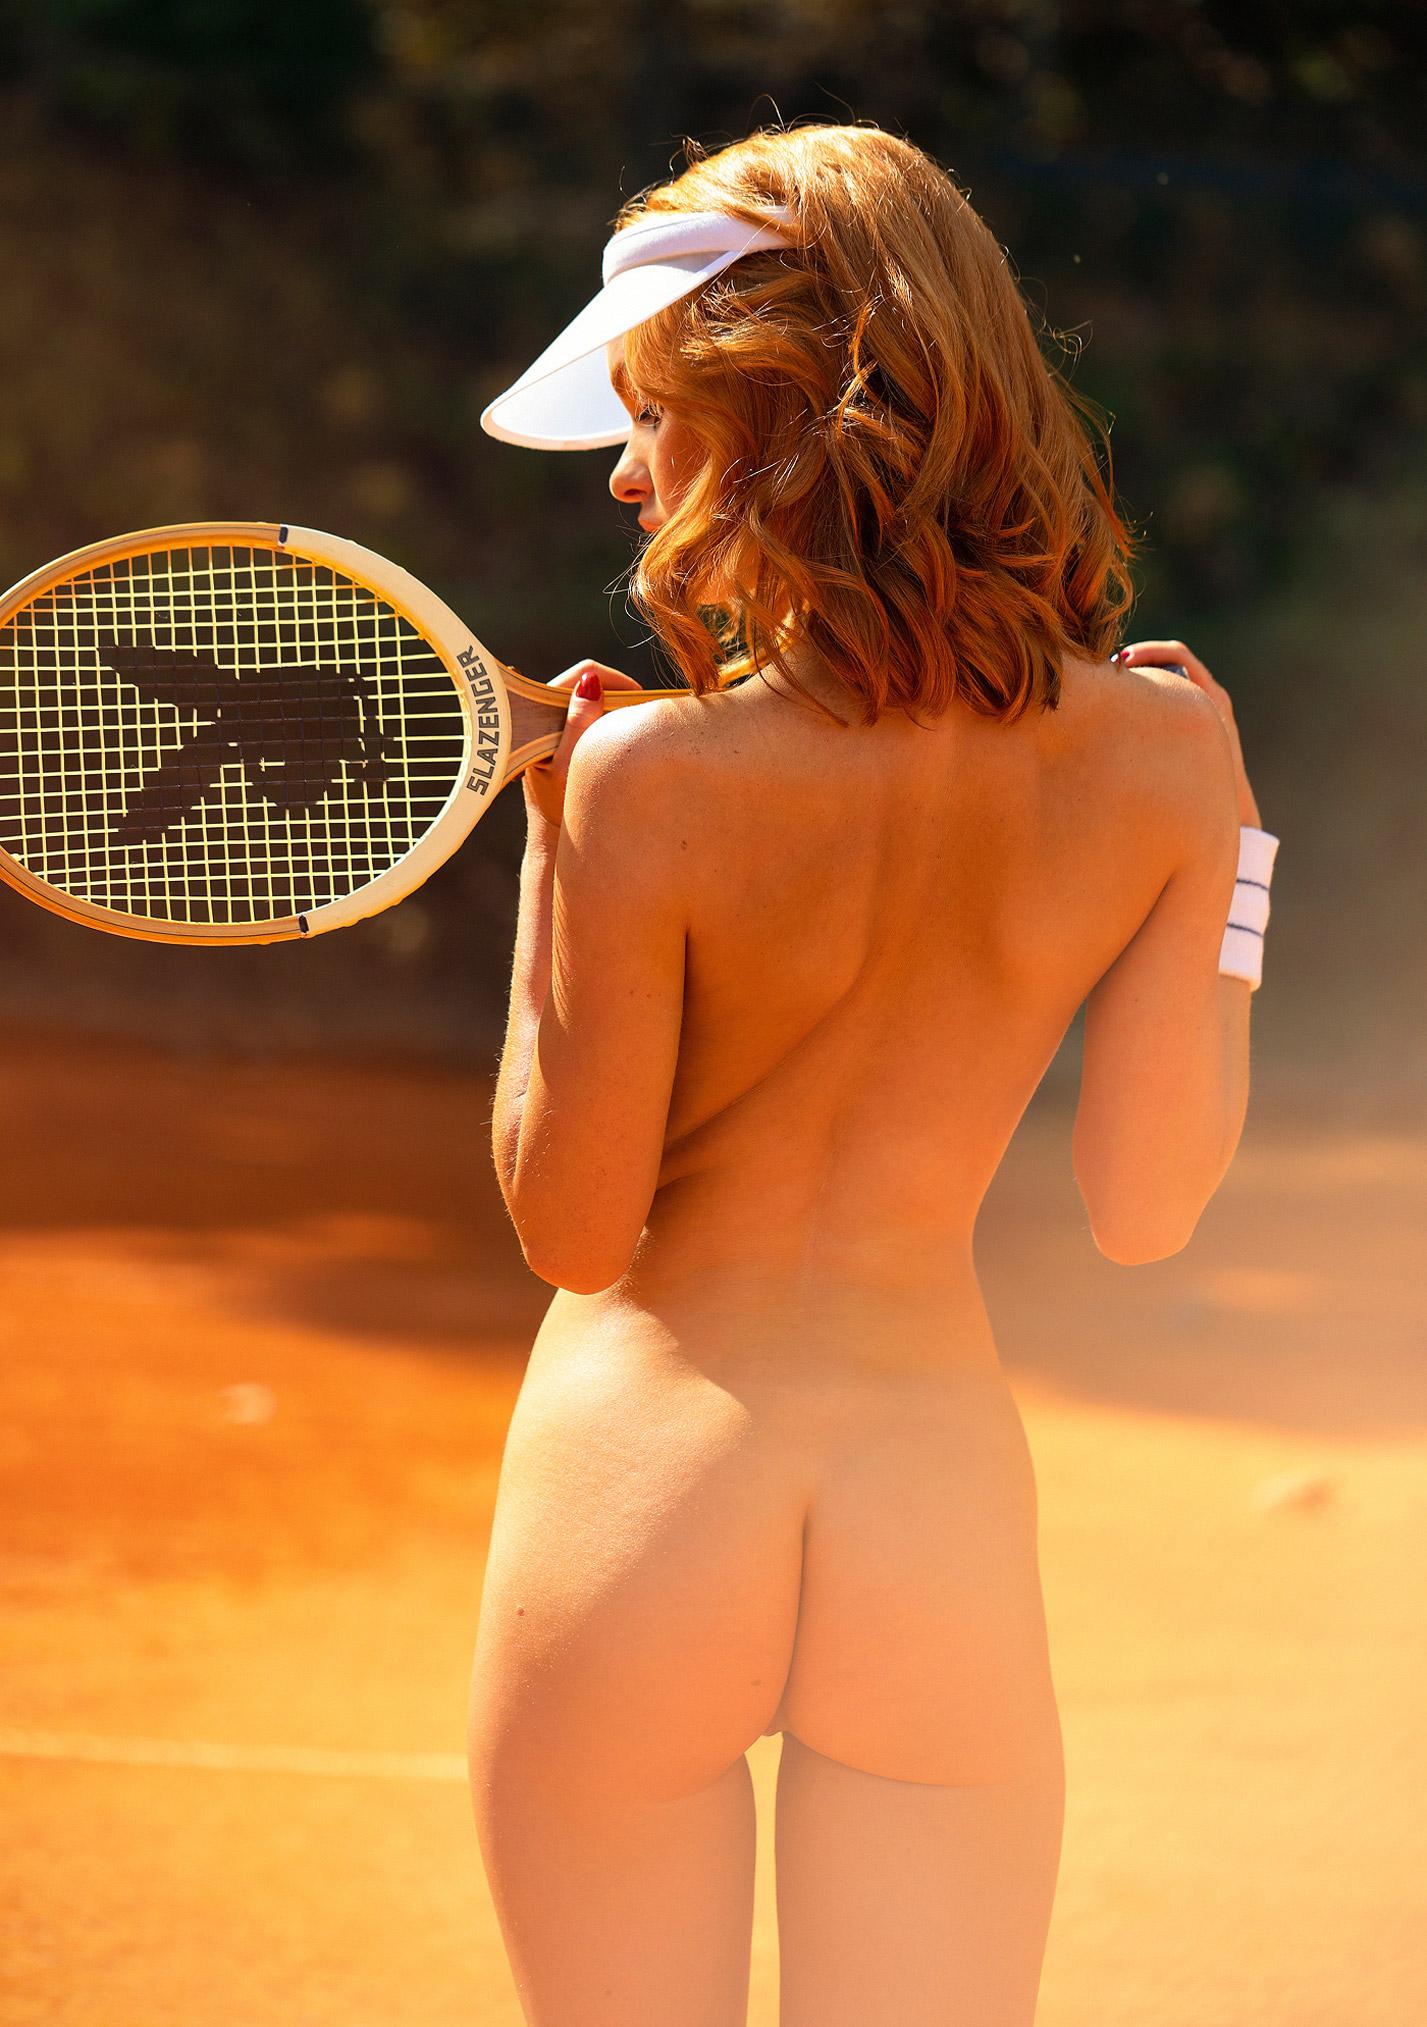 звезда голландского Playboy Свенья ван дер Богарт голая играет в теннис / фото 08